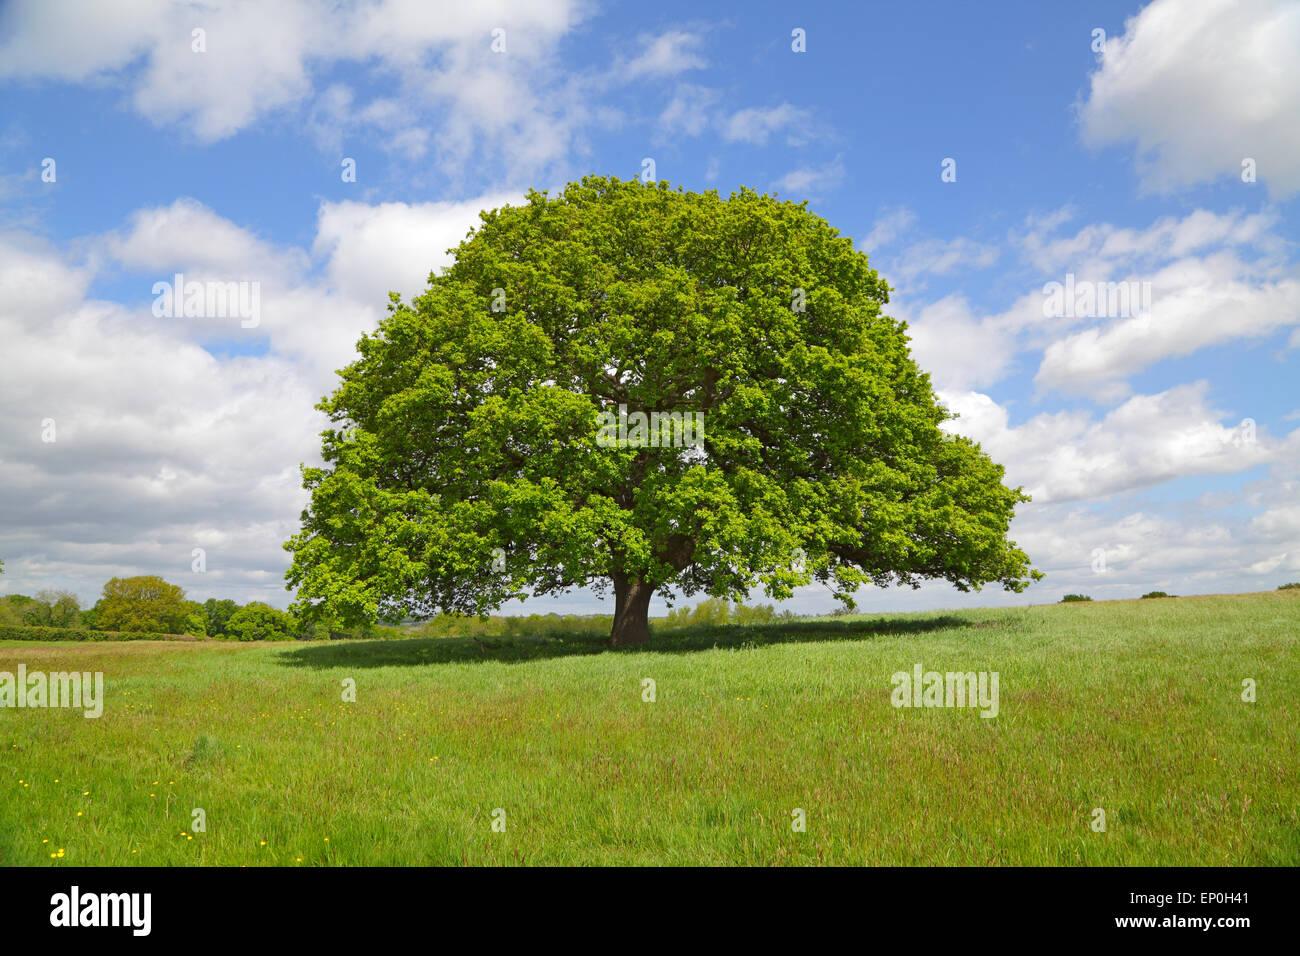 Oak Tree in primavera, Inghilterra, Gran Bretagna, GB, Regno Unito. Quercus fagaceae Foto Stock